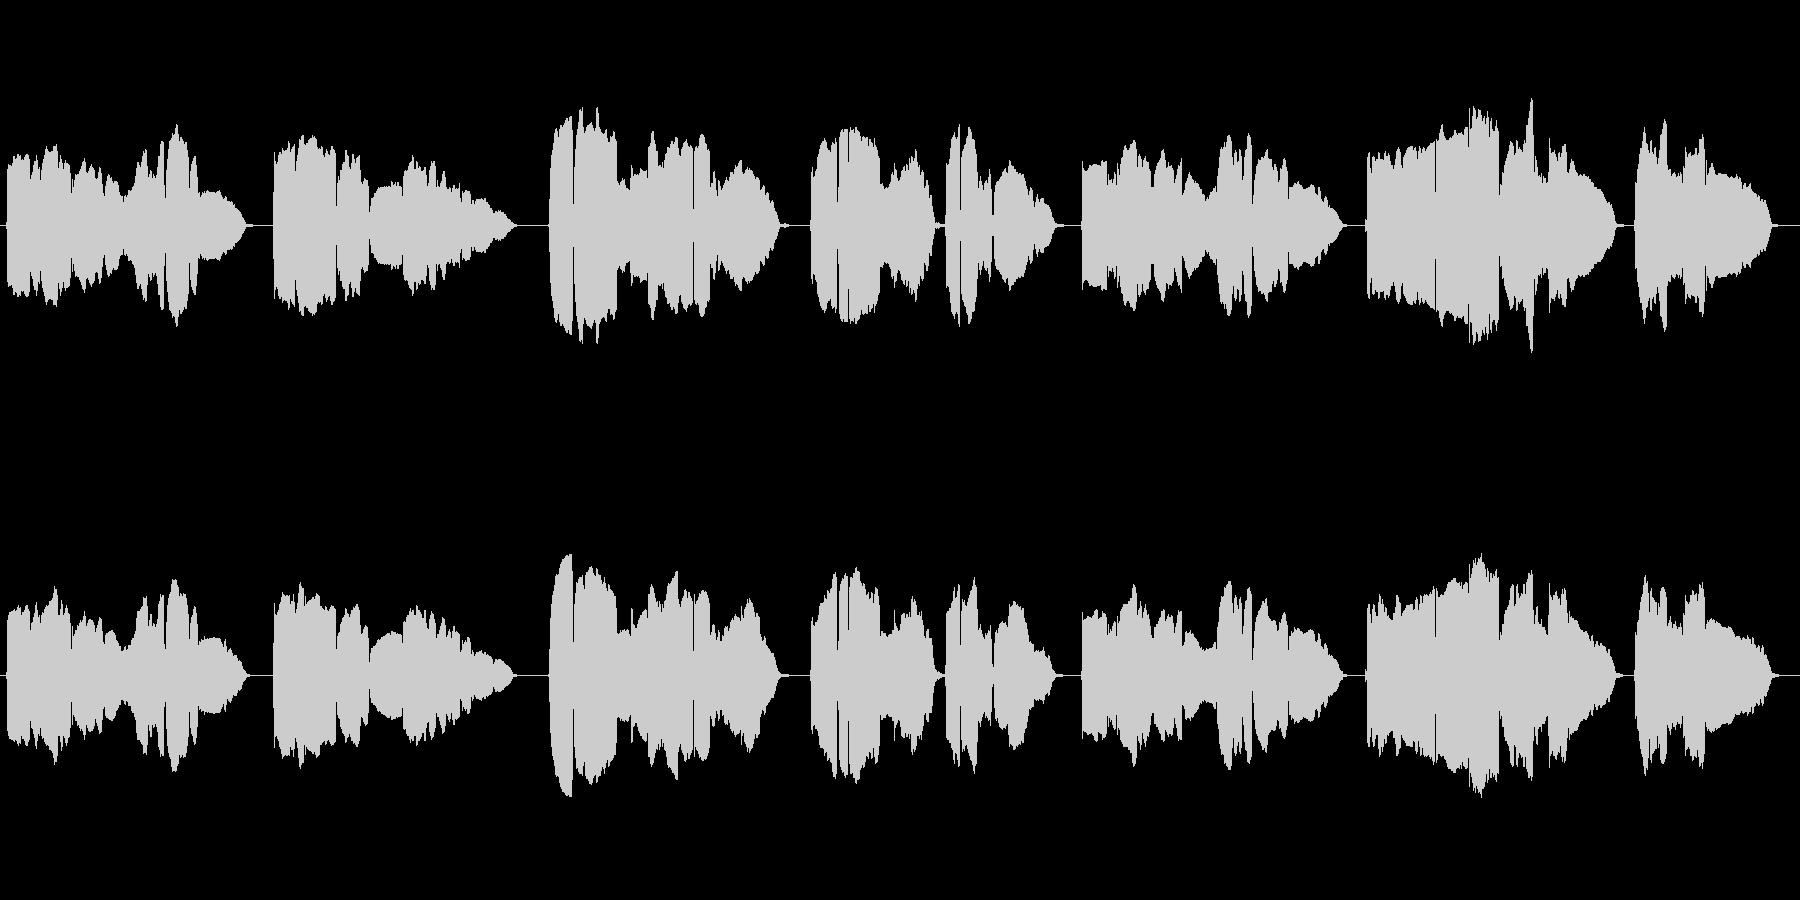 童謡「家路」のトランペット独奏の未再生の波形